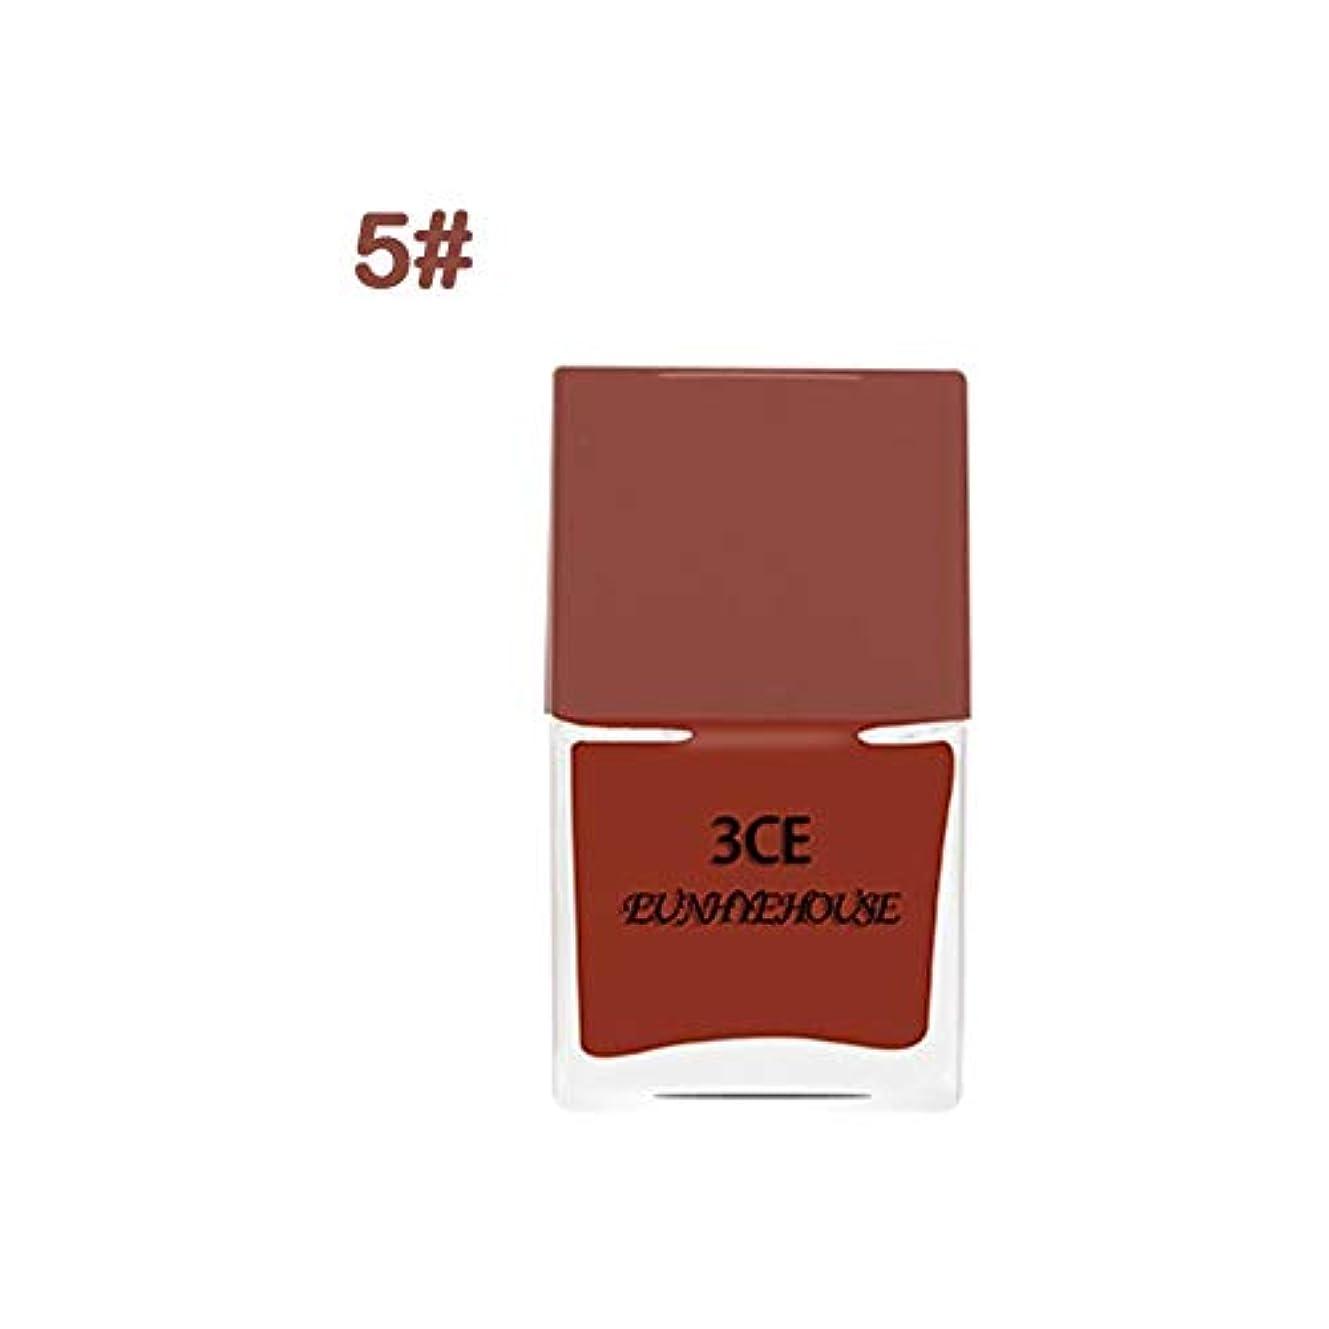 クッショントン休眠高品質 8色選べる ネイルポリッシュ ネイルカラー レッド パンプキンカラー 秋色 ネイルデコレーション ネイルジェル マニキュア 人気ネイル用品 junexi